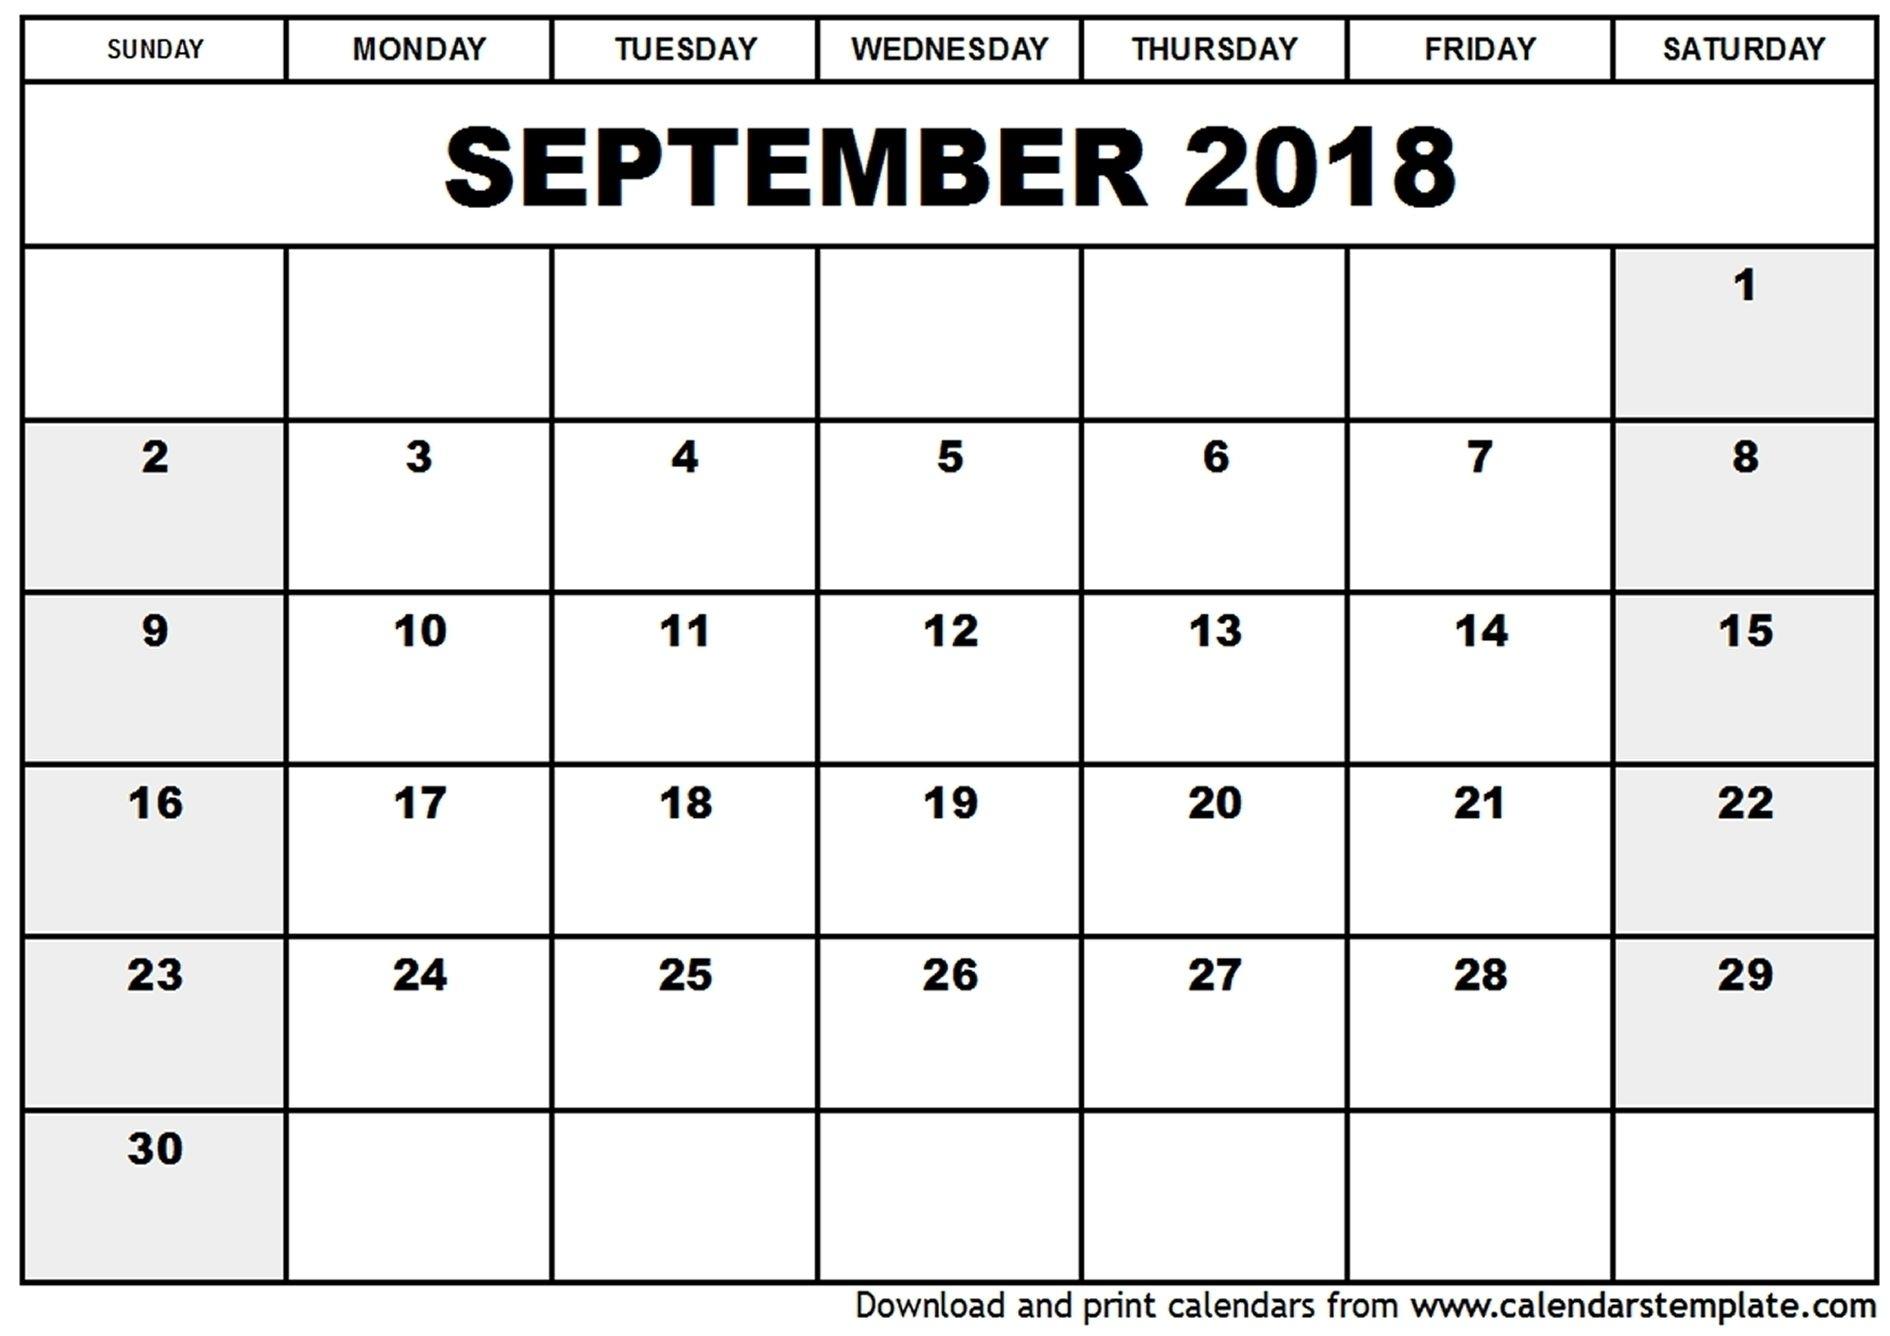 Free Printable Calendar Headings In 2020 | Printable